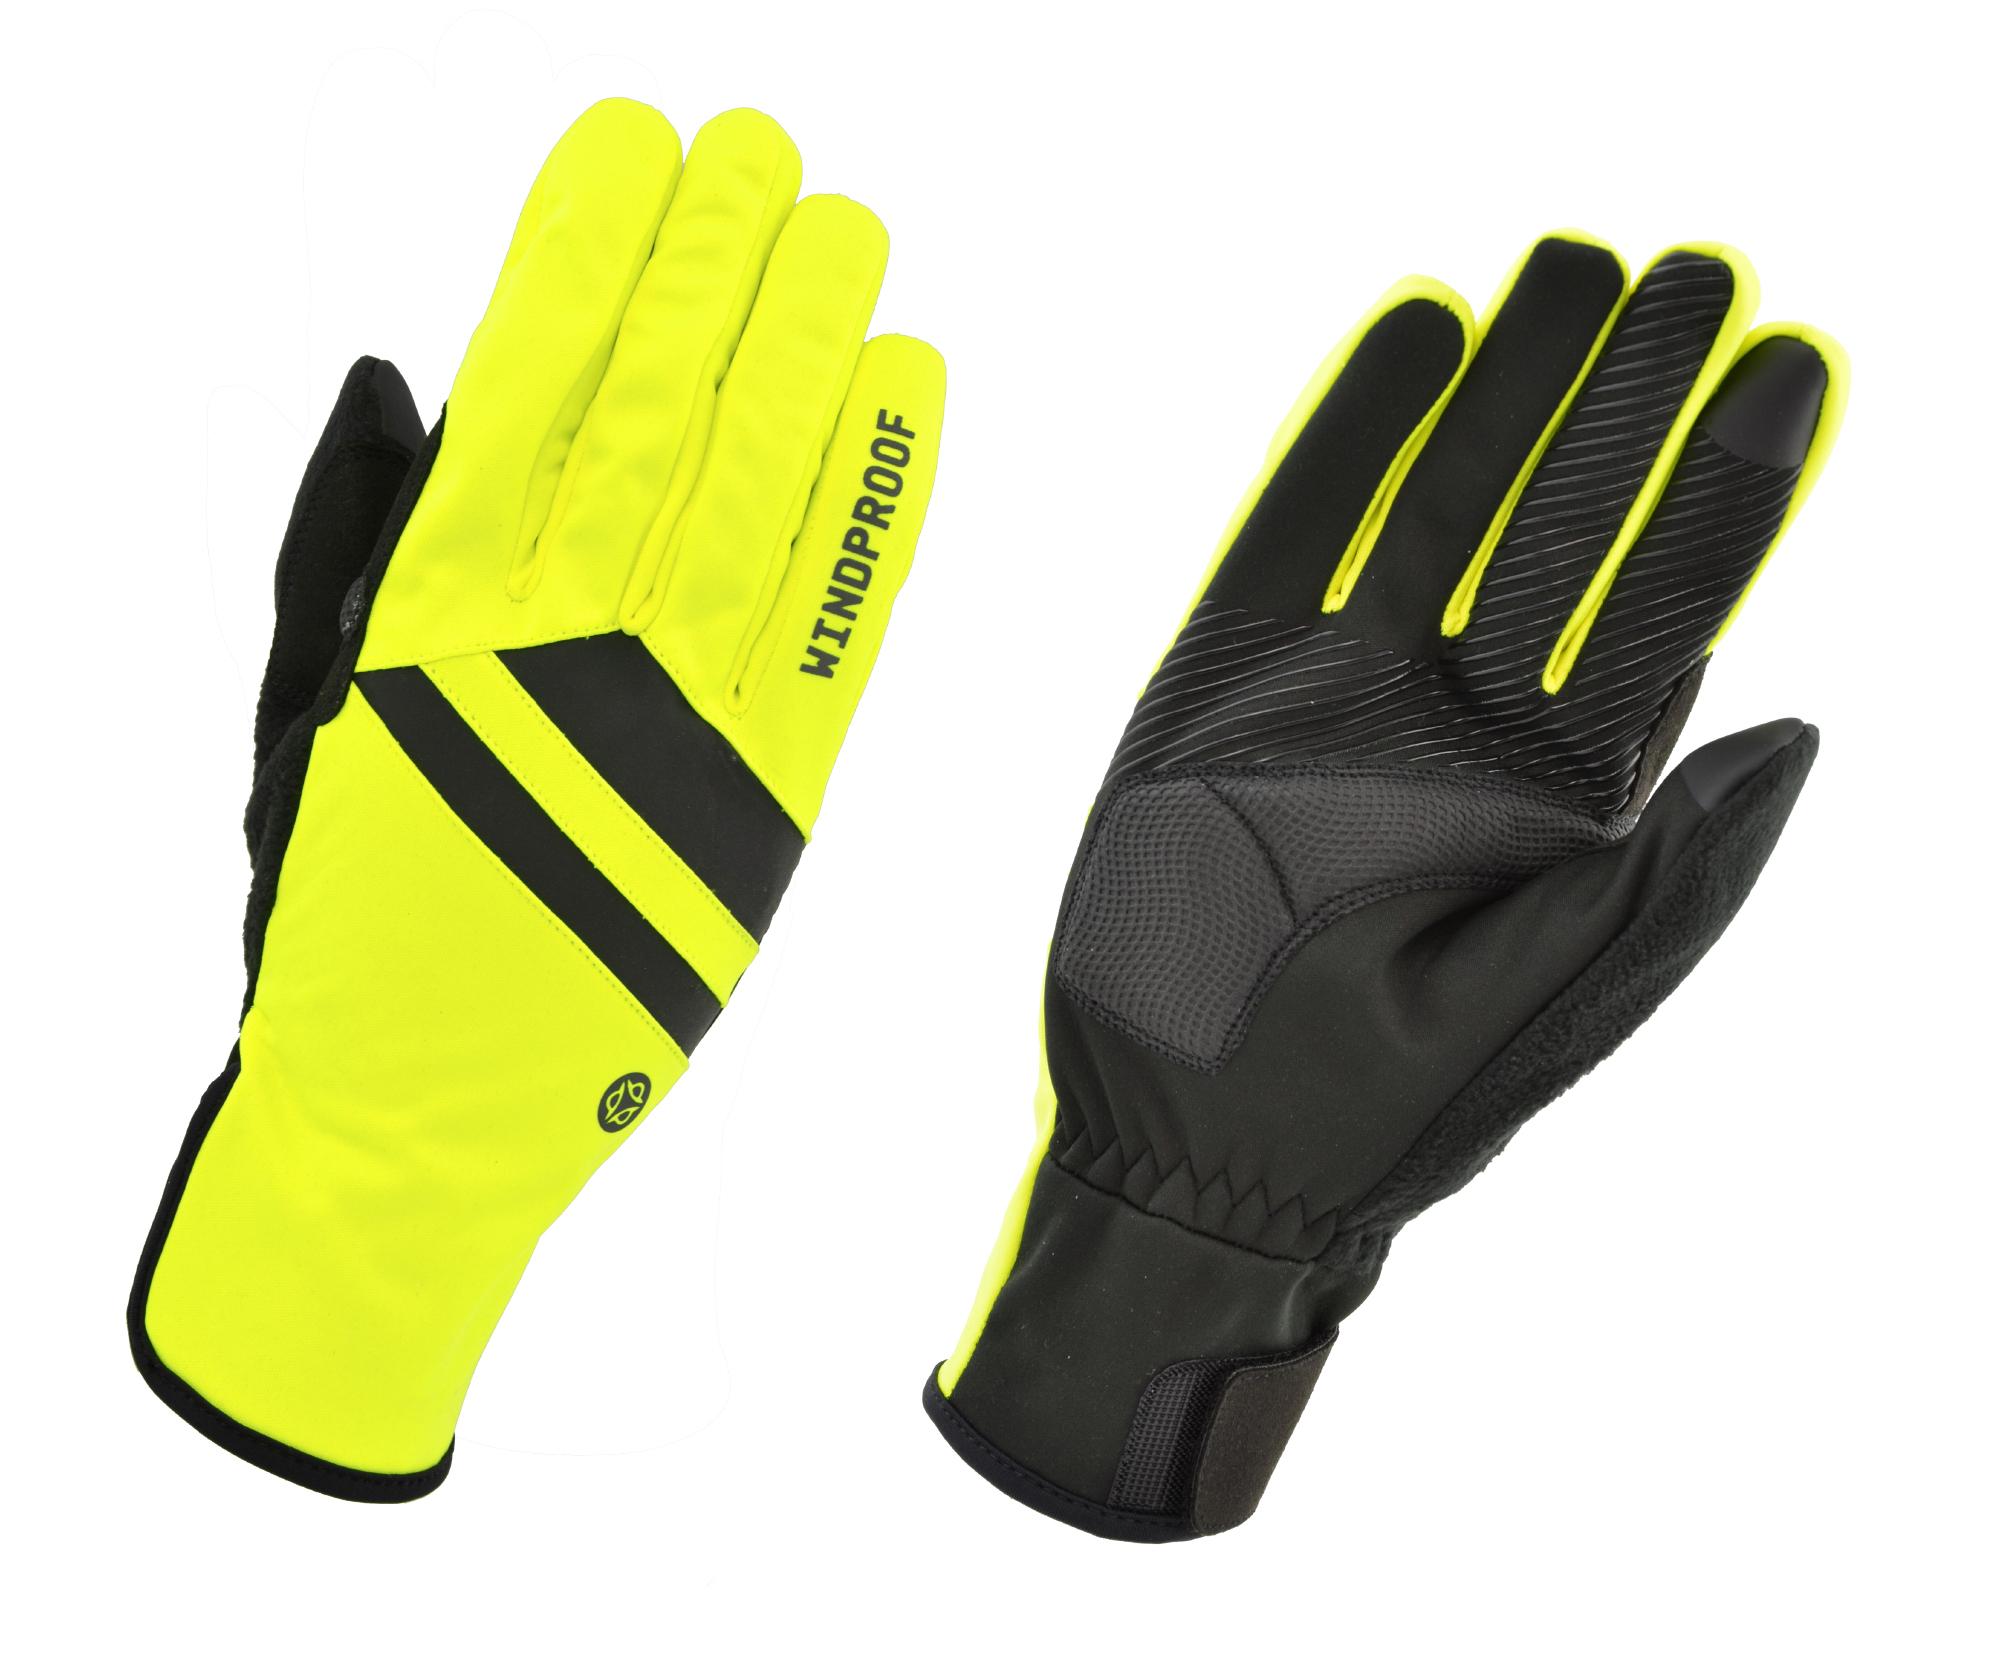 AGU Essential Vindtætte Handsker - Gul Fluo | Gloves